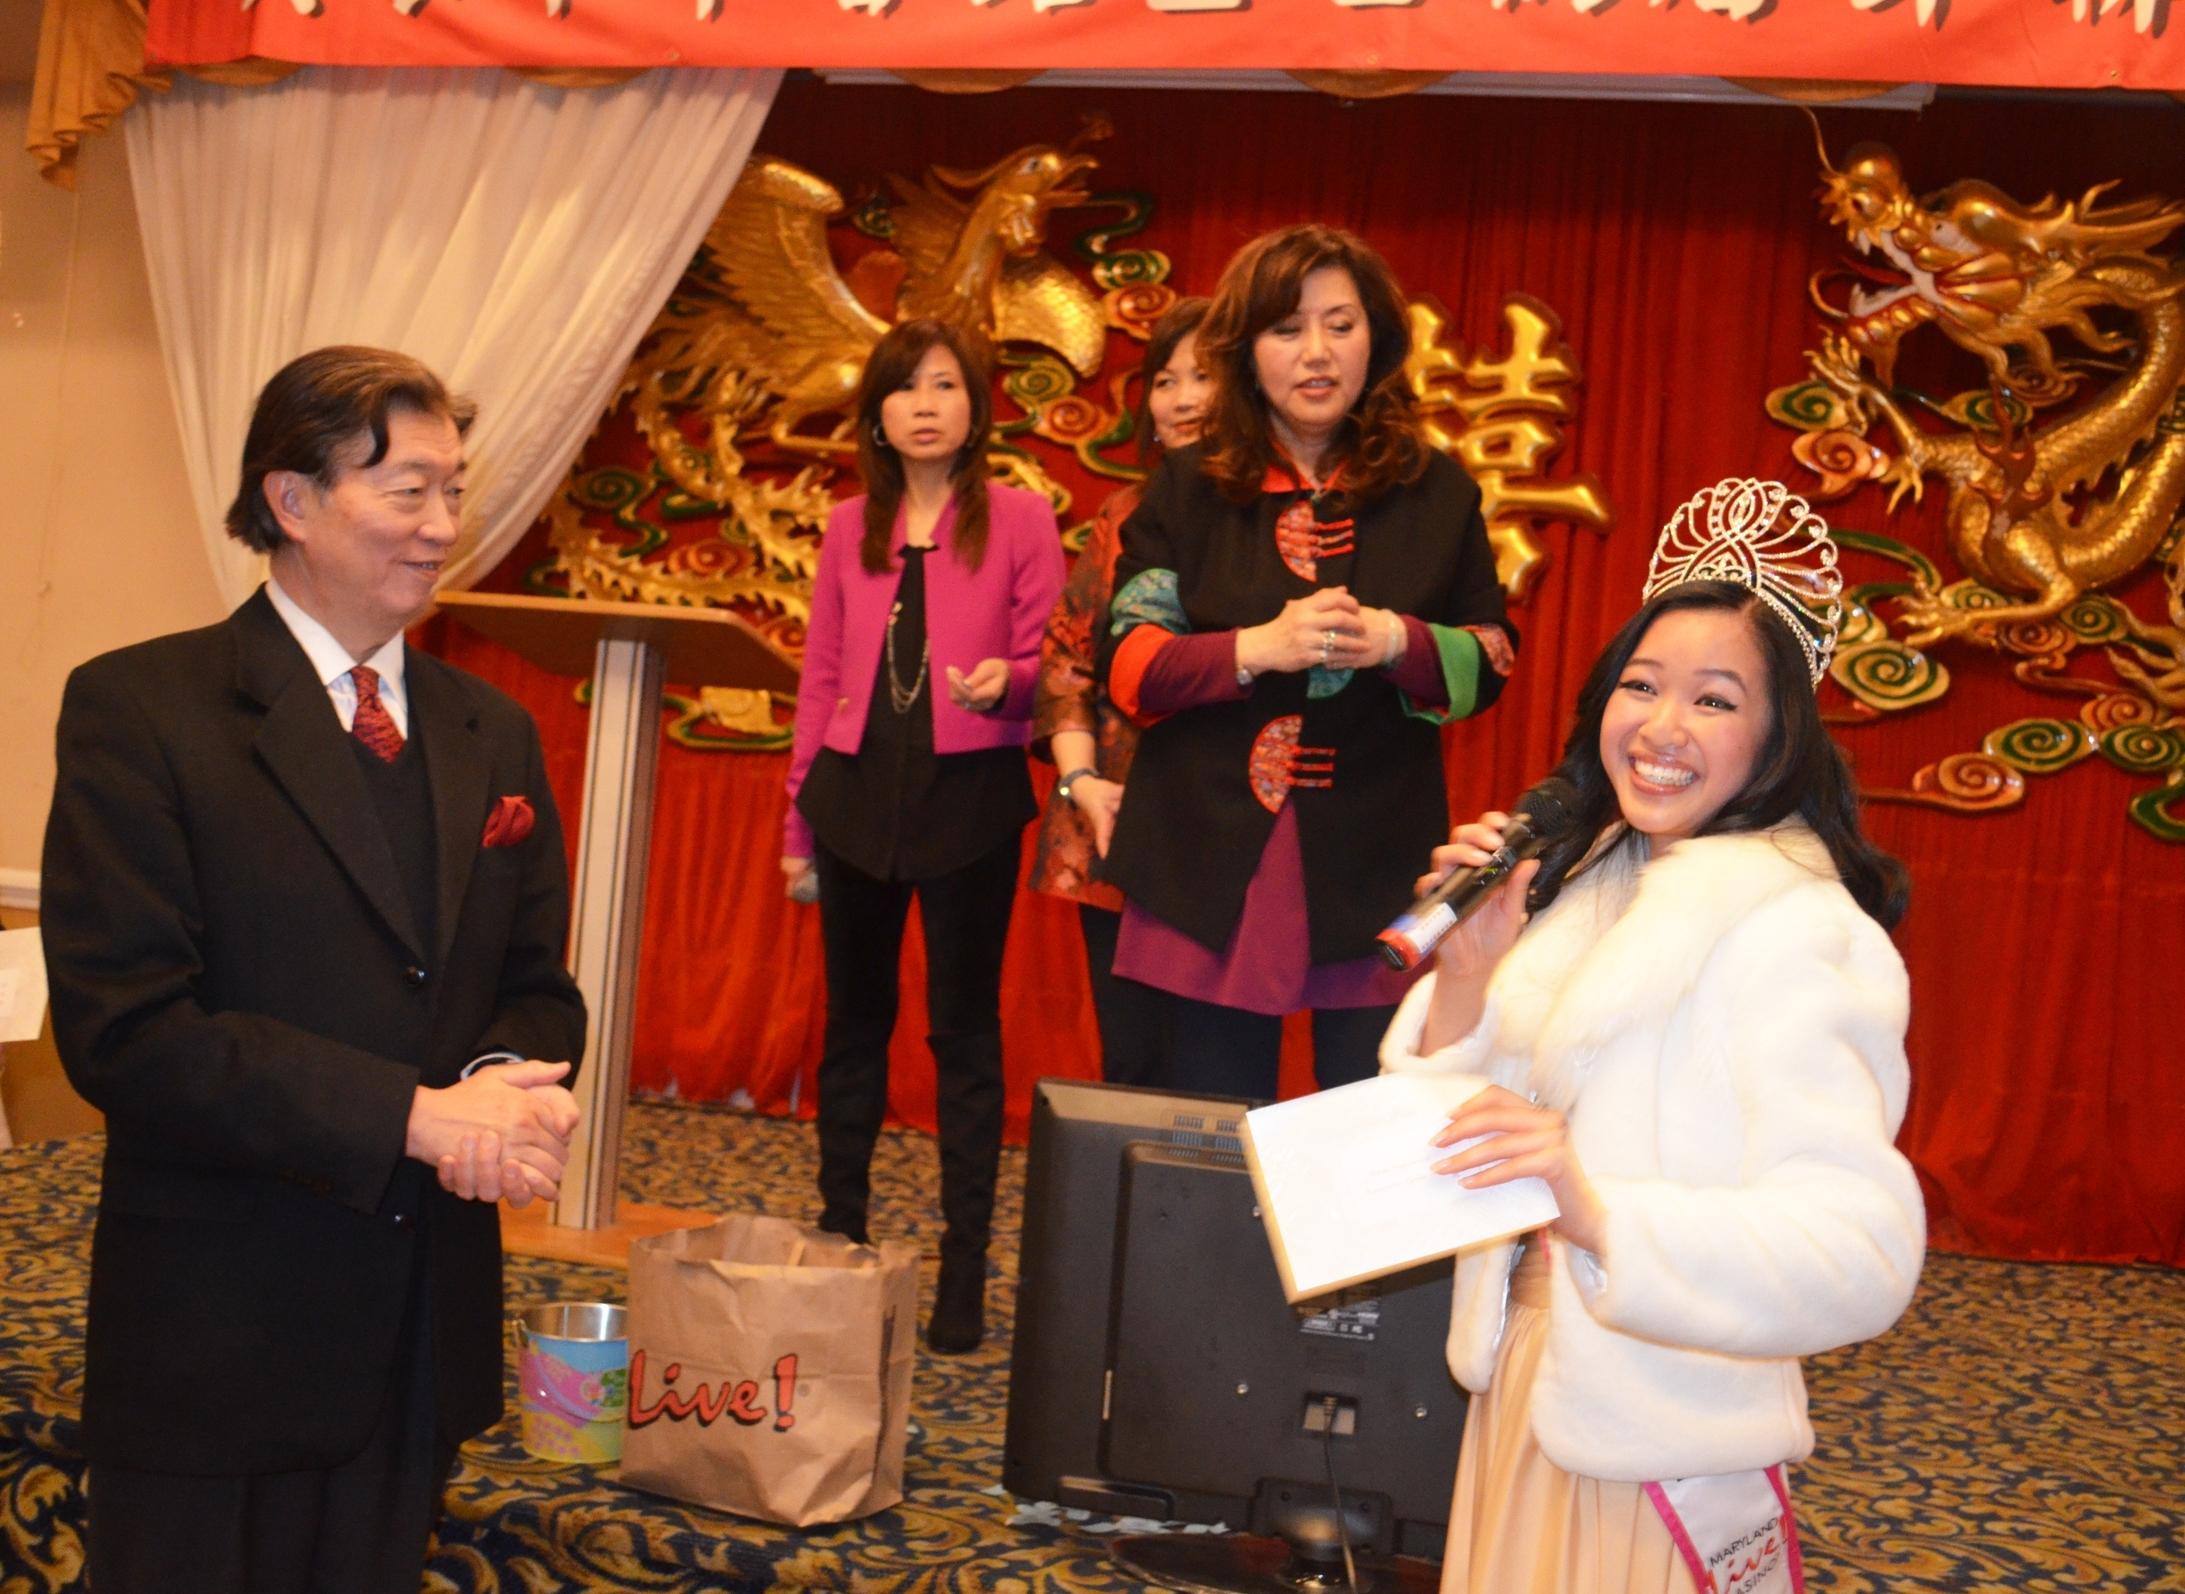 Giving an impromptu speech and meeting Ambassador Shen at the VIP dinner.  What a gentleman!.JPG